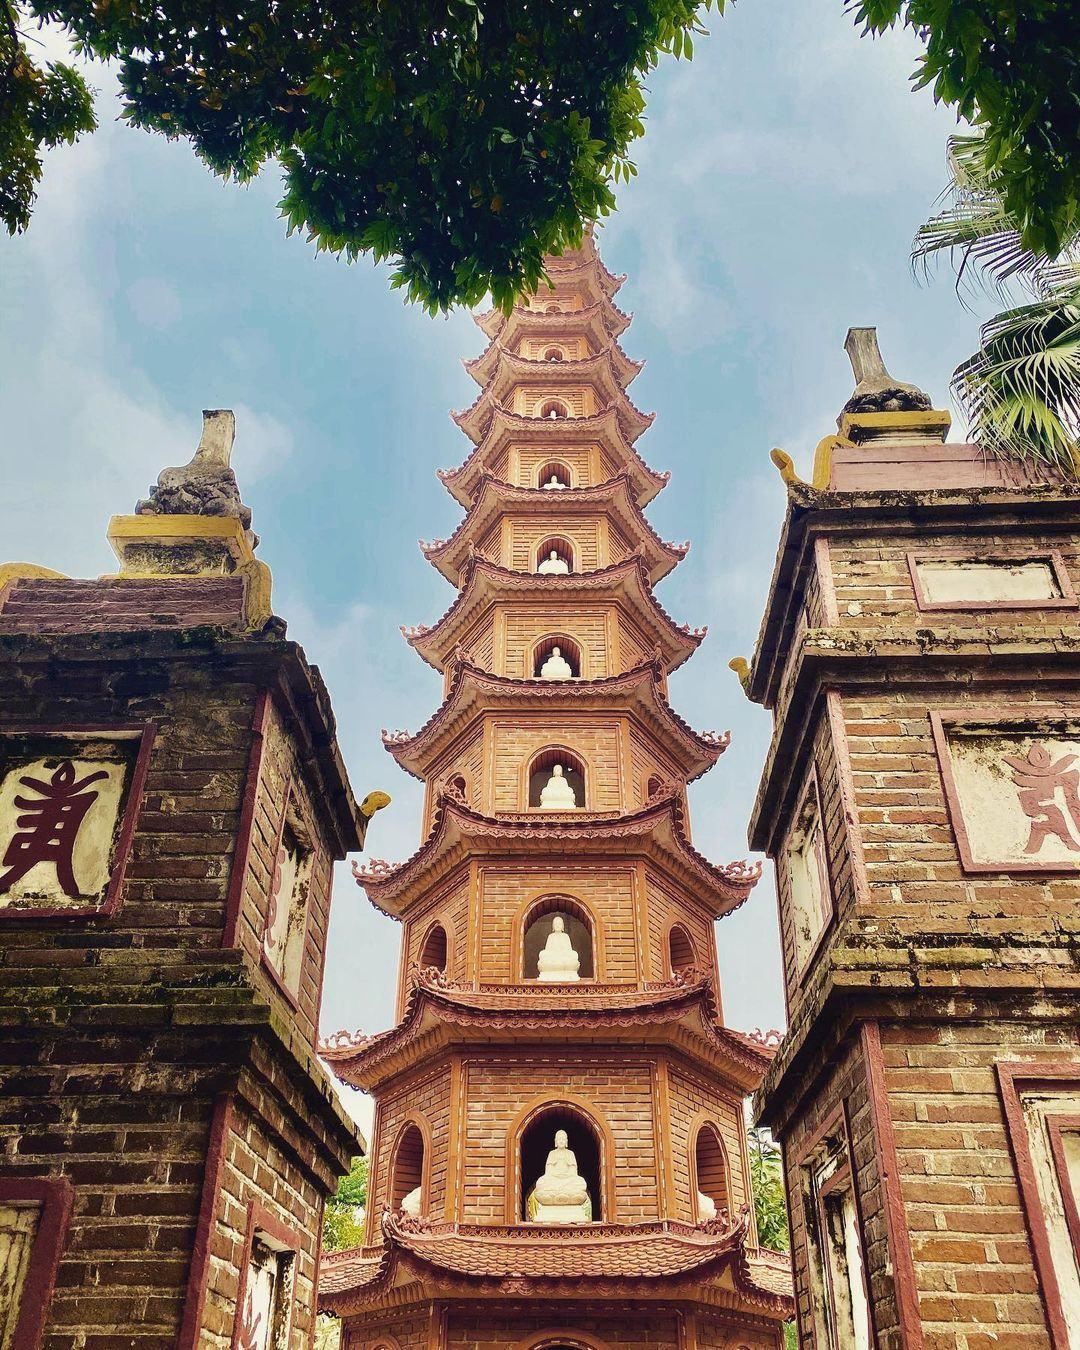 ấn Quốc – ngôi chùa đẹp bậc nhất thế giới bình yên giữa lòng Hà Nội cổ